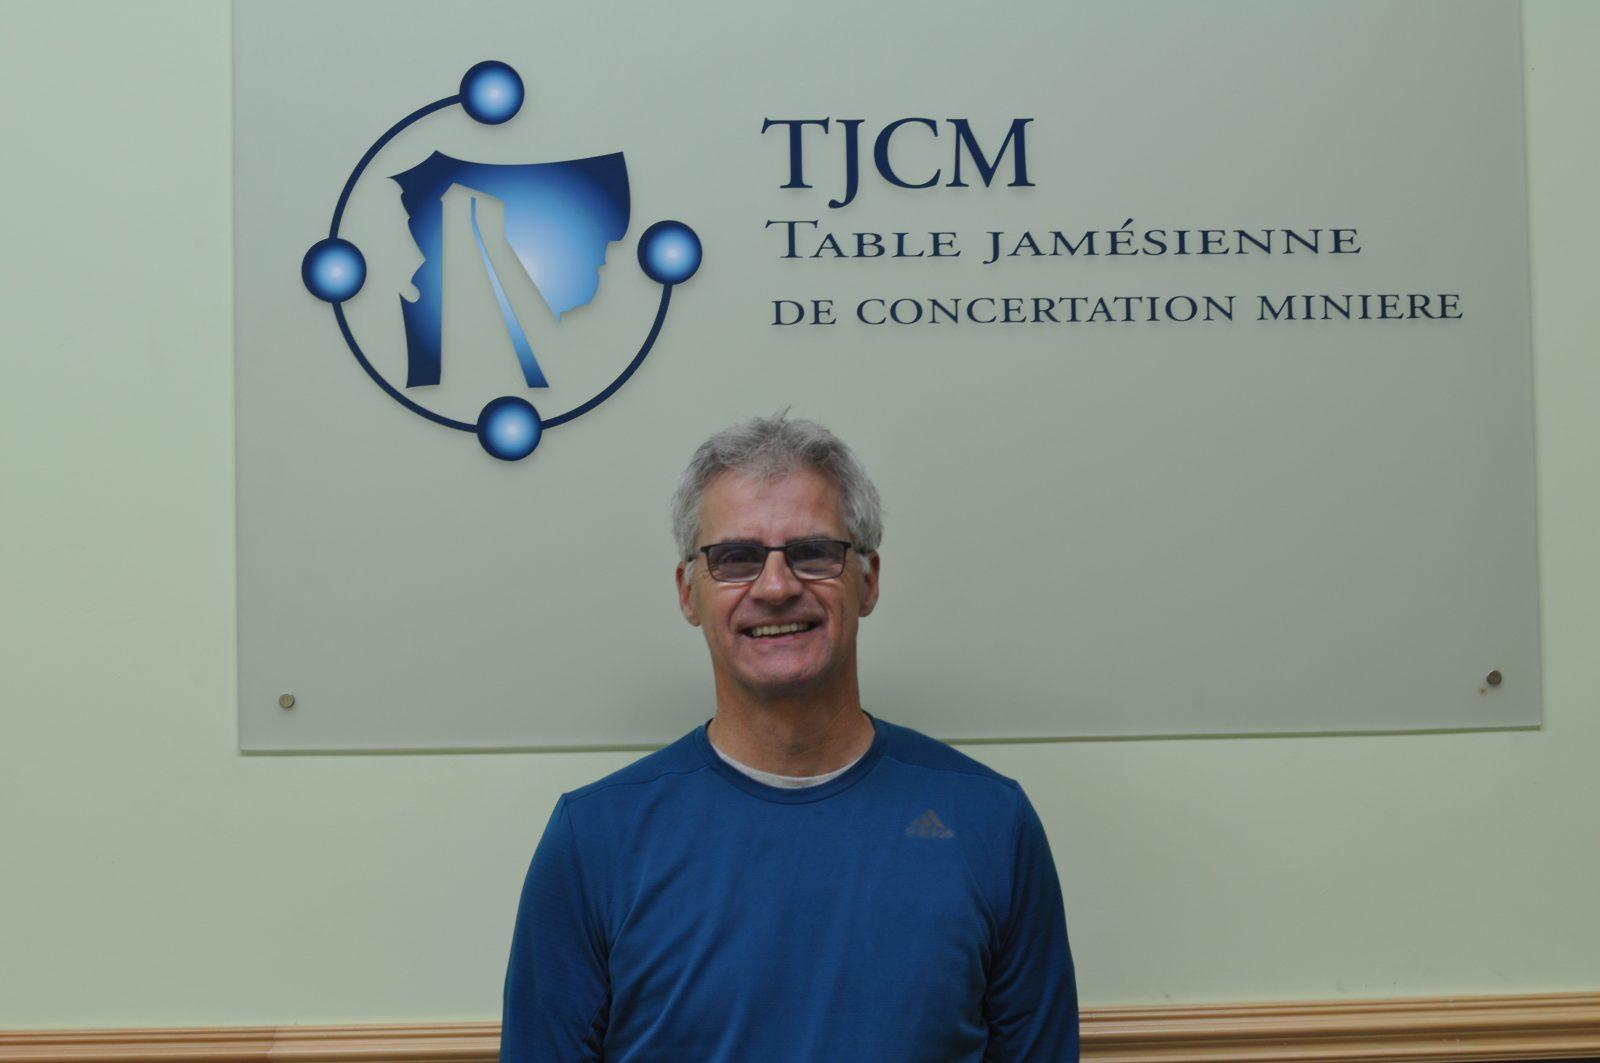 Concertations majeures à la TJCM